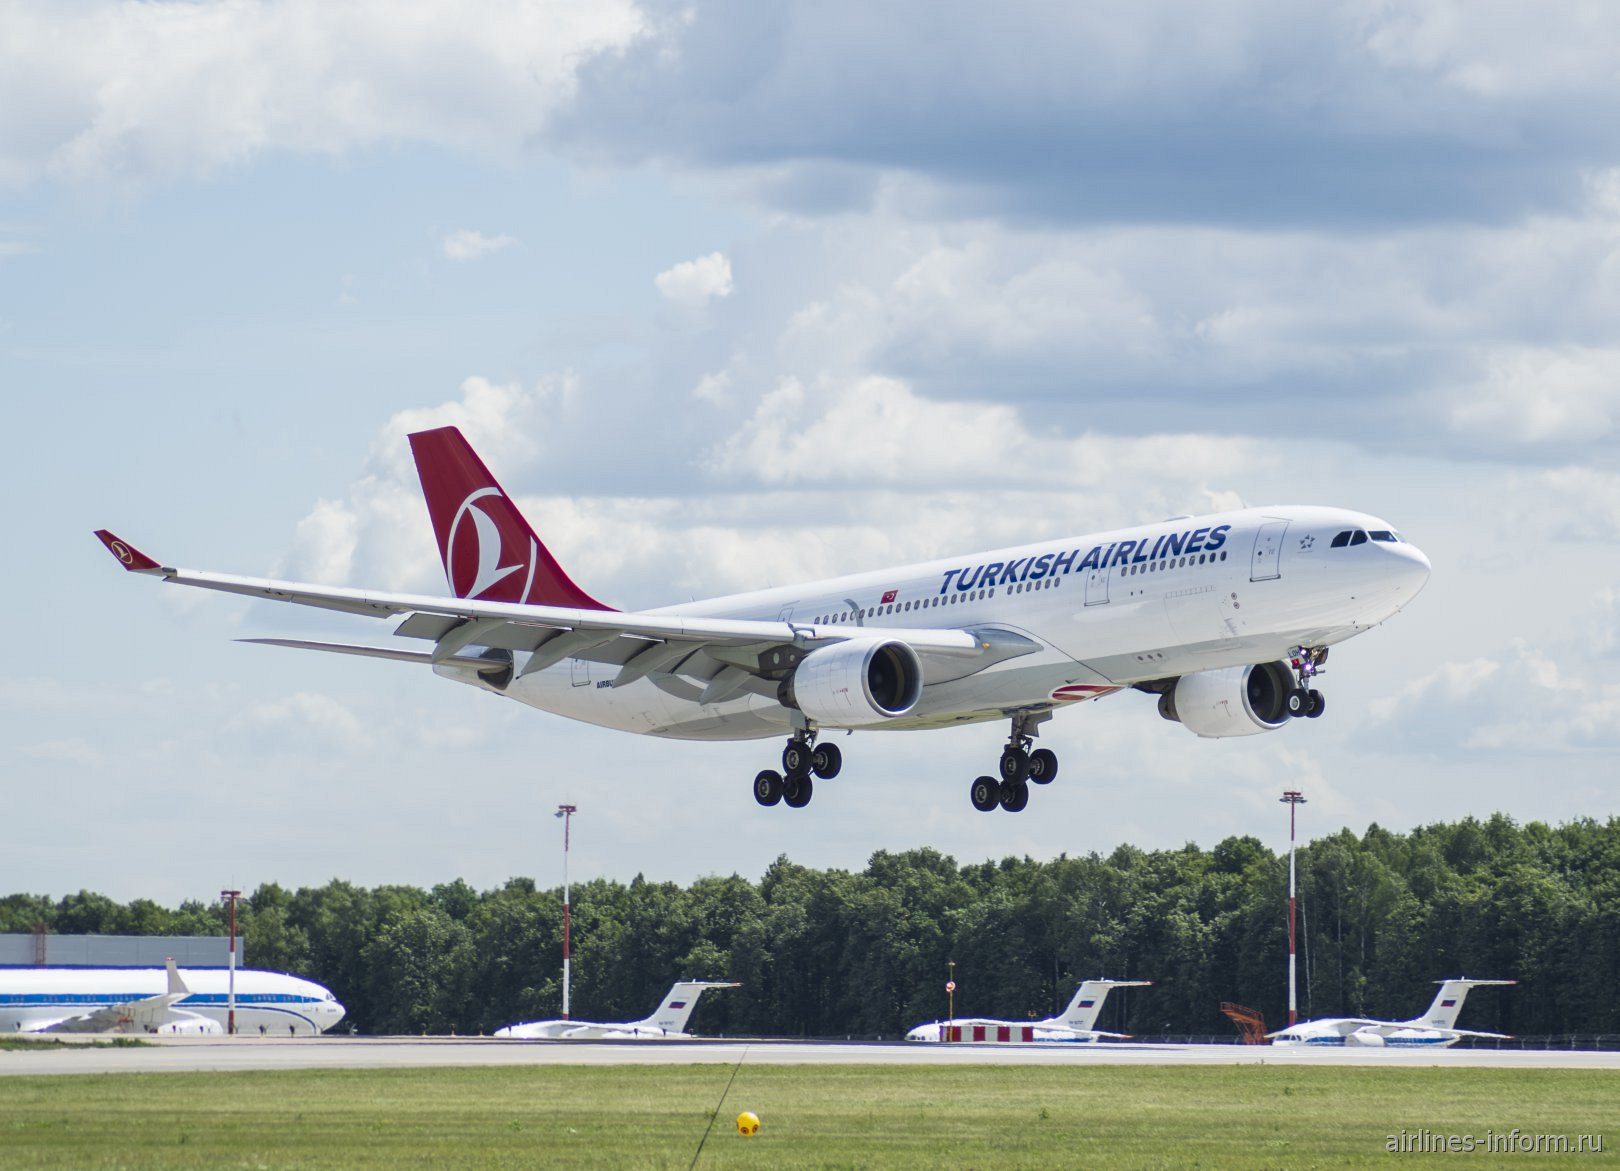 Airbus A330-200 Турецких авиалиний перед посадкой в аэропорту Внуково